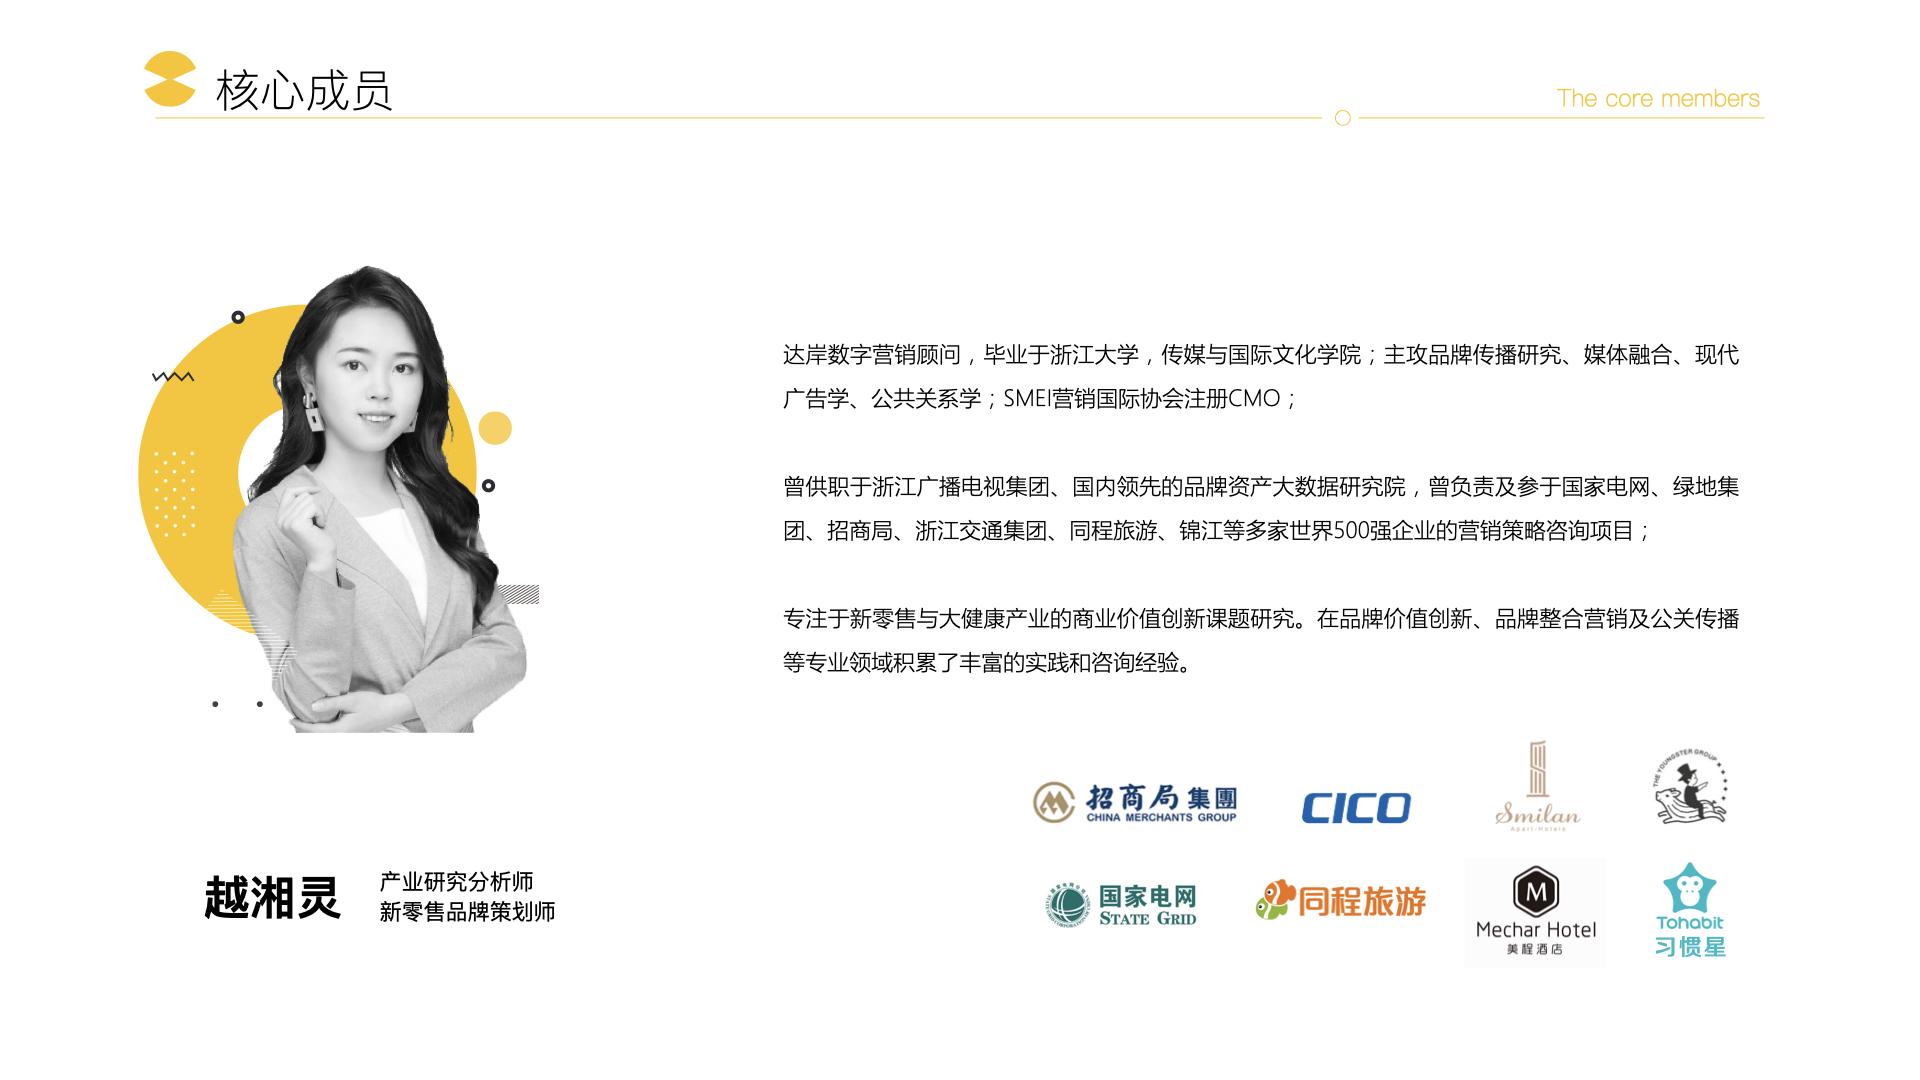 【公司-企业介绍】达岸品牌营销机构20200526.026